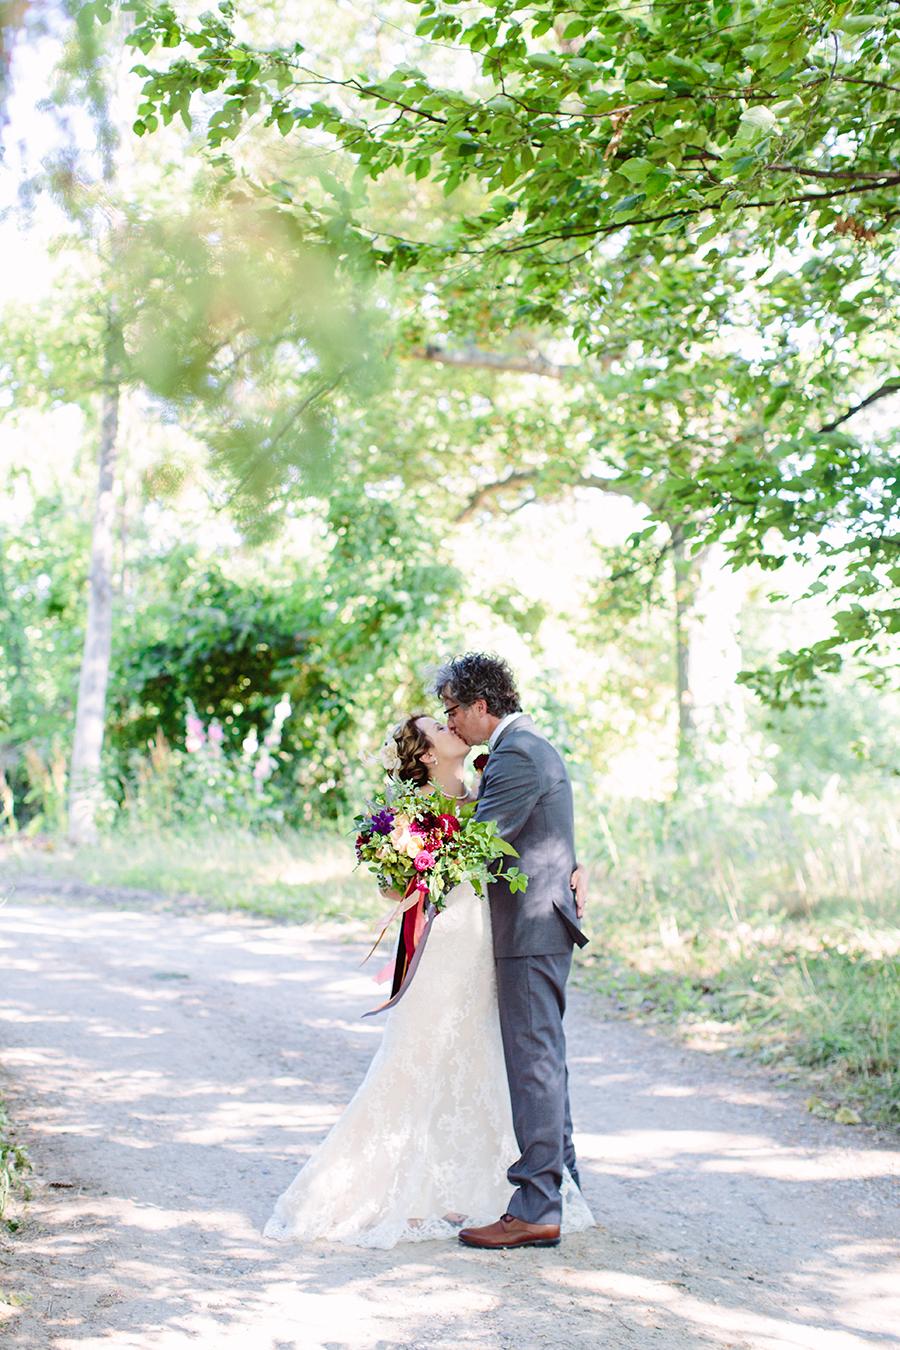 claire&garrettwedding_10.jpg